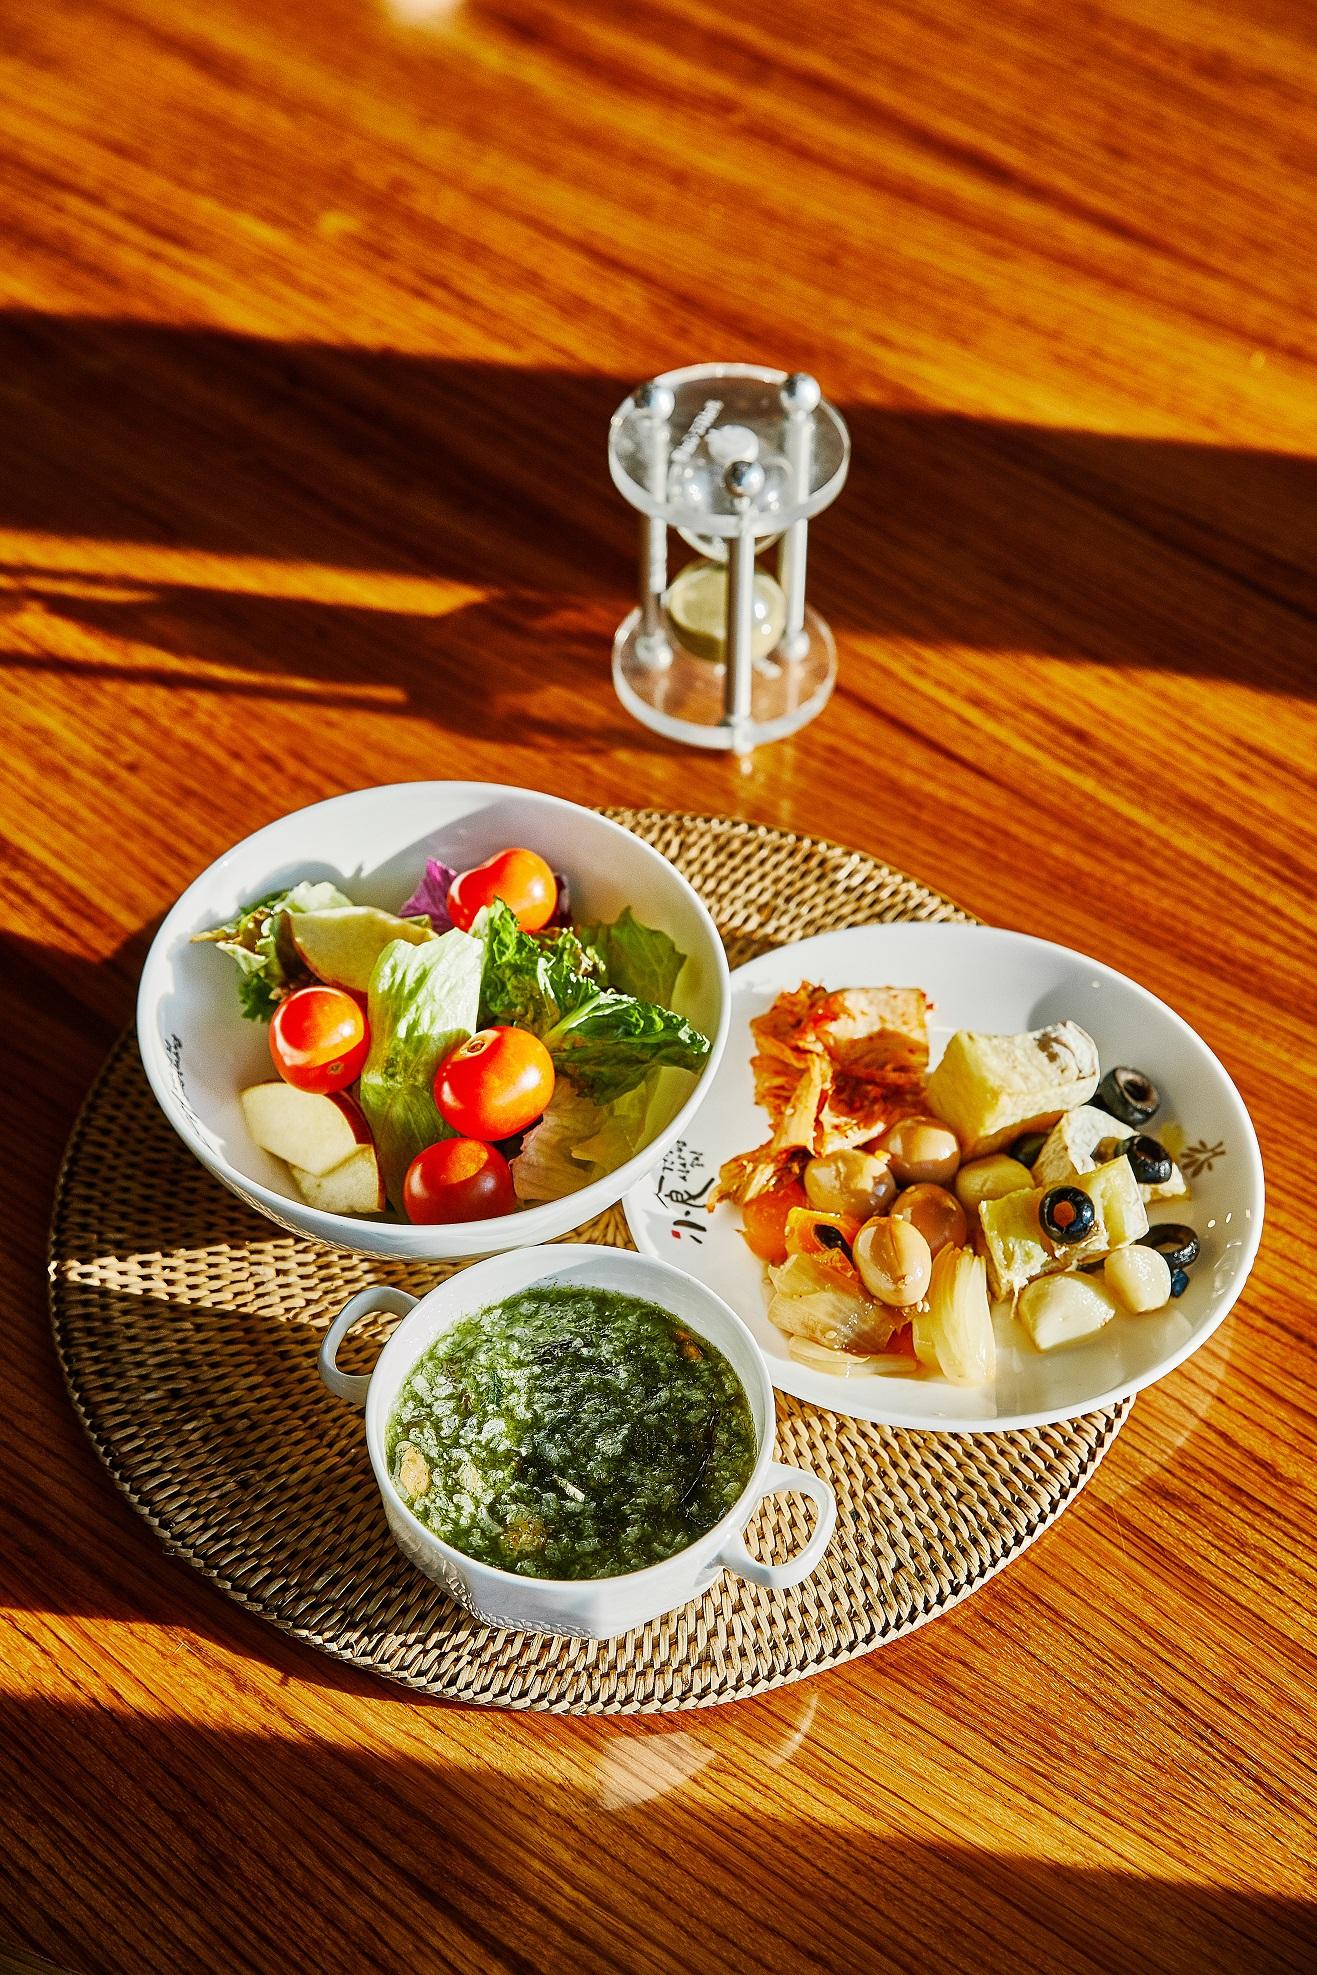 비채식당에서 즐긴 아침 식사